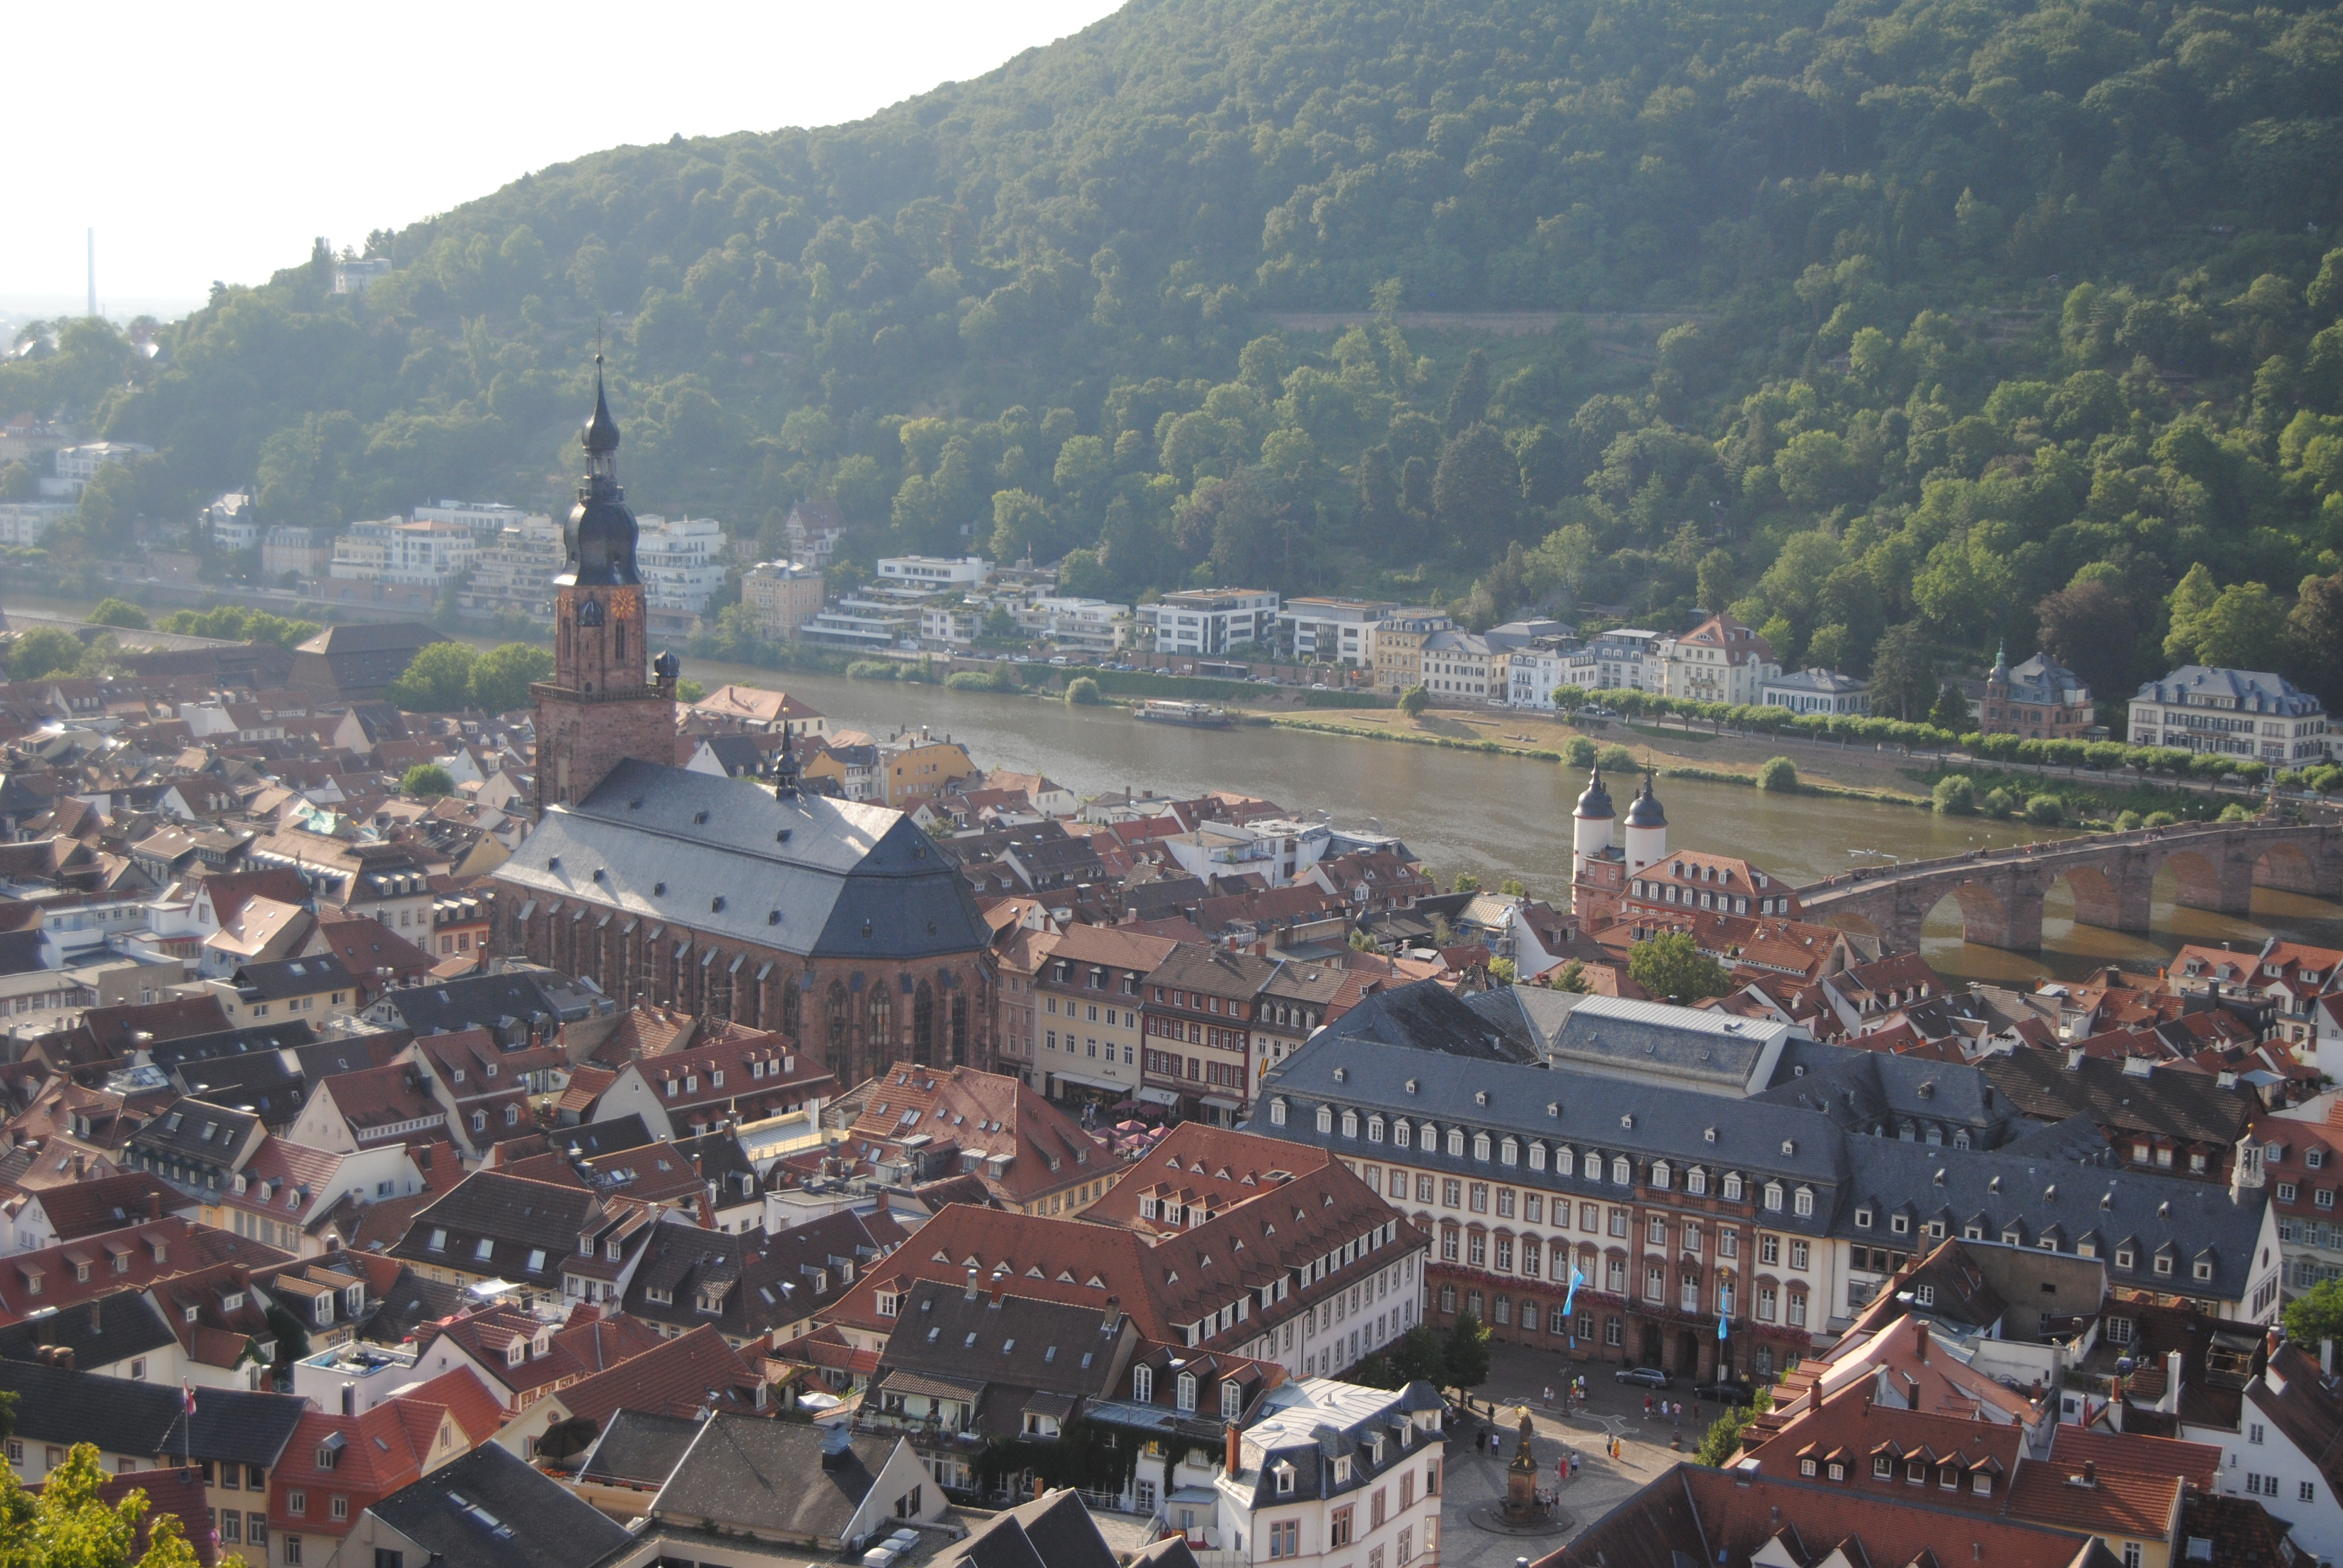 Vistas desde el Castillo de Heidelberg